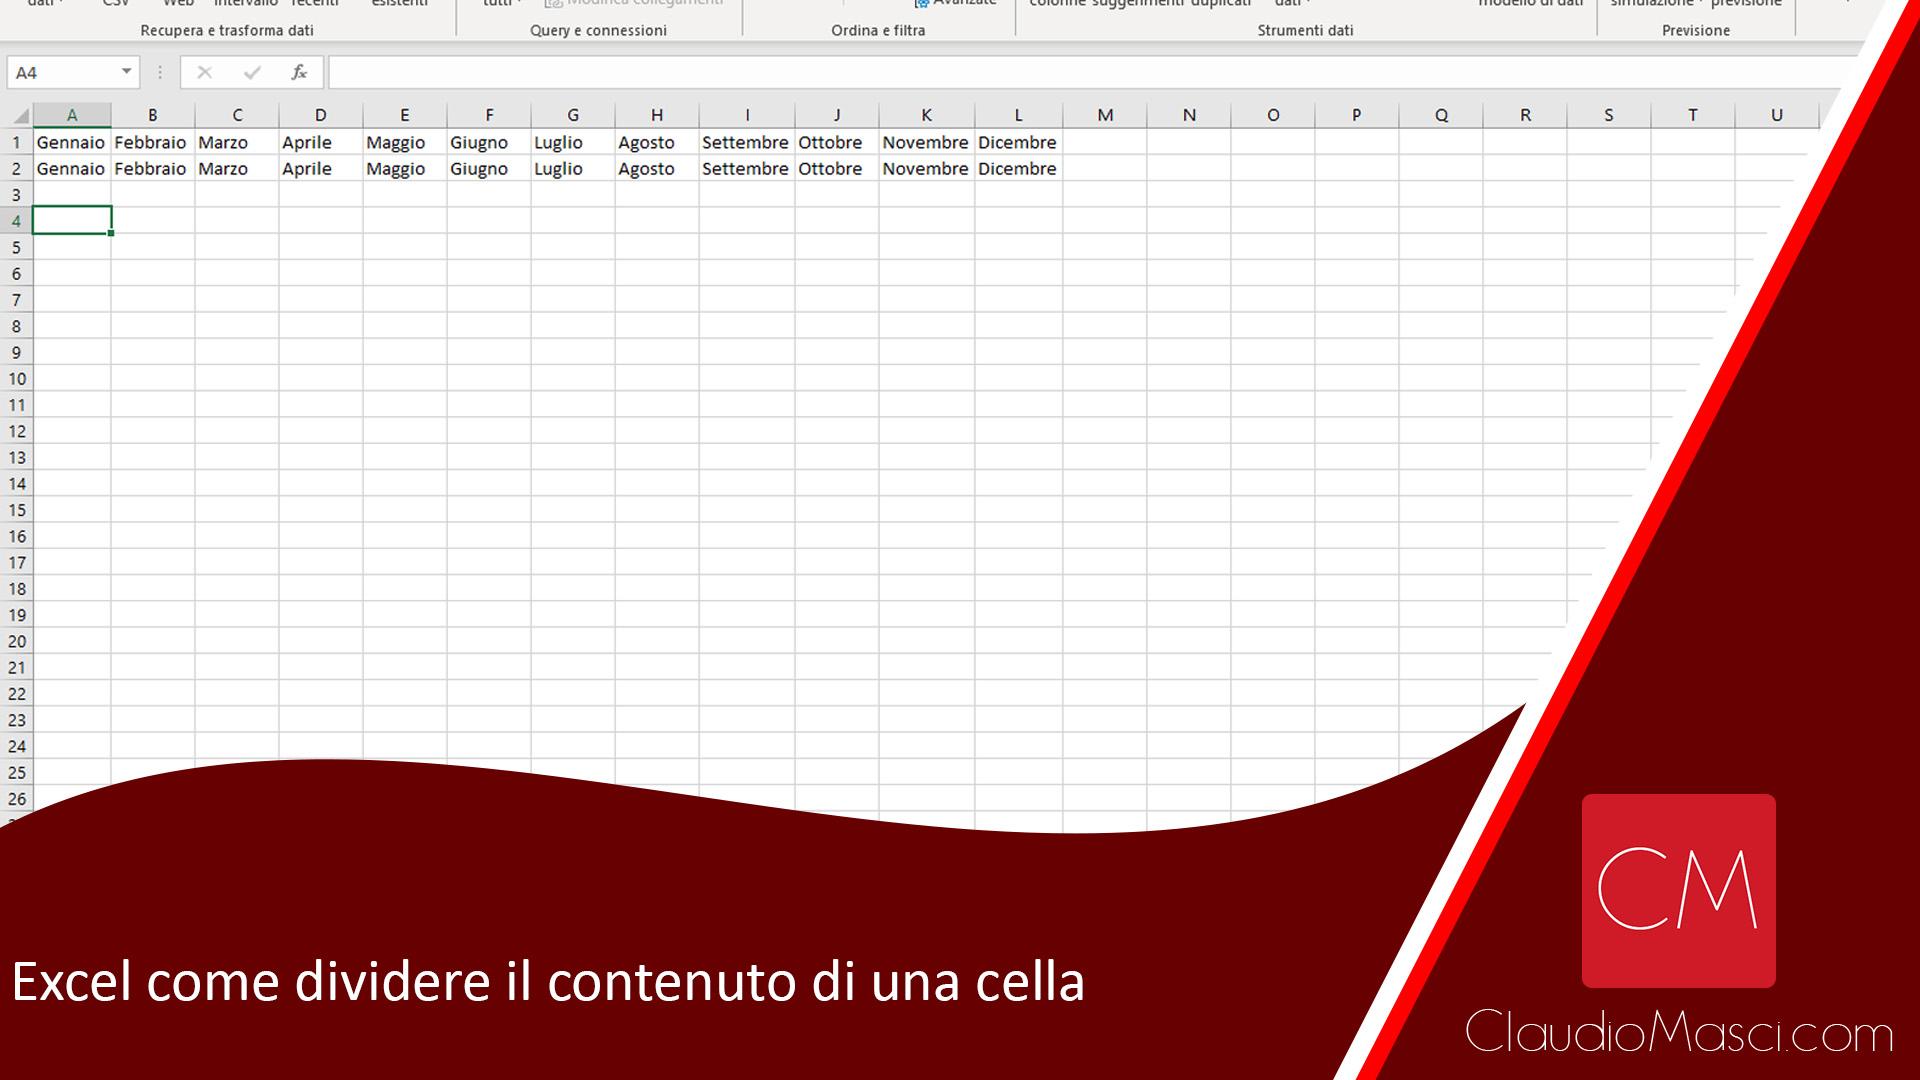 Excel come dividere il contenuto di una cella